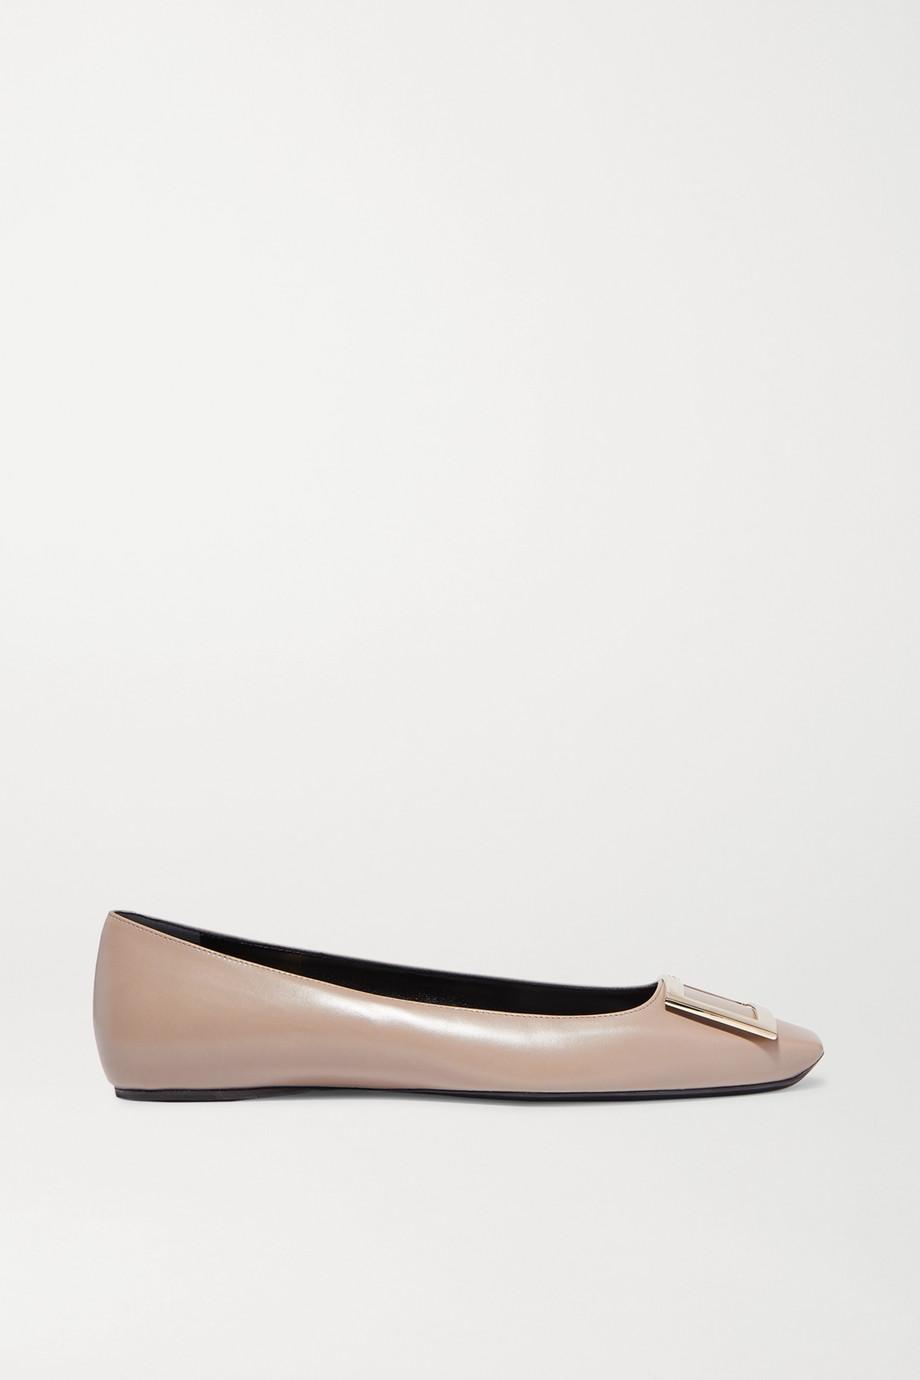 Roger Vivier Quadrata Trompette 带缀饰皮革芭蕾平底鞋